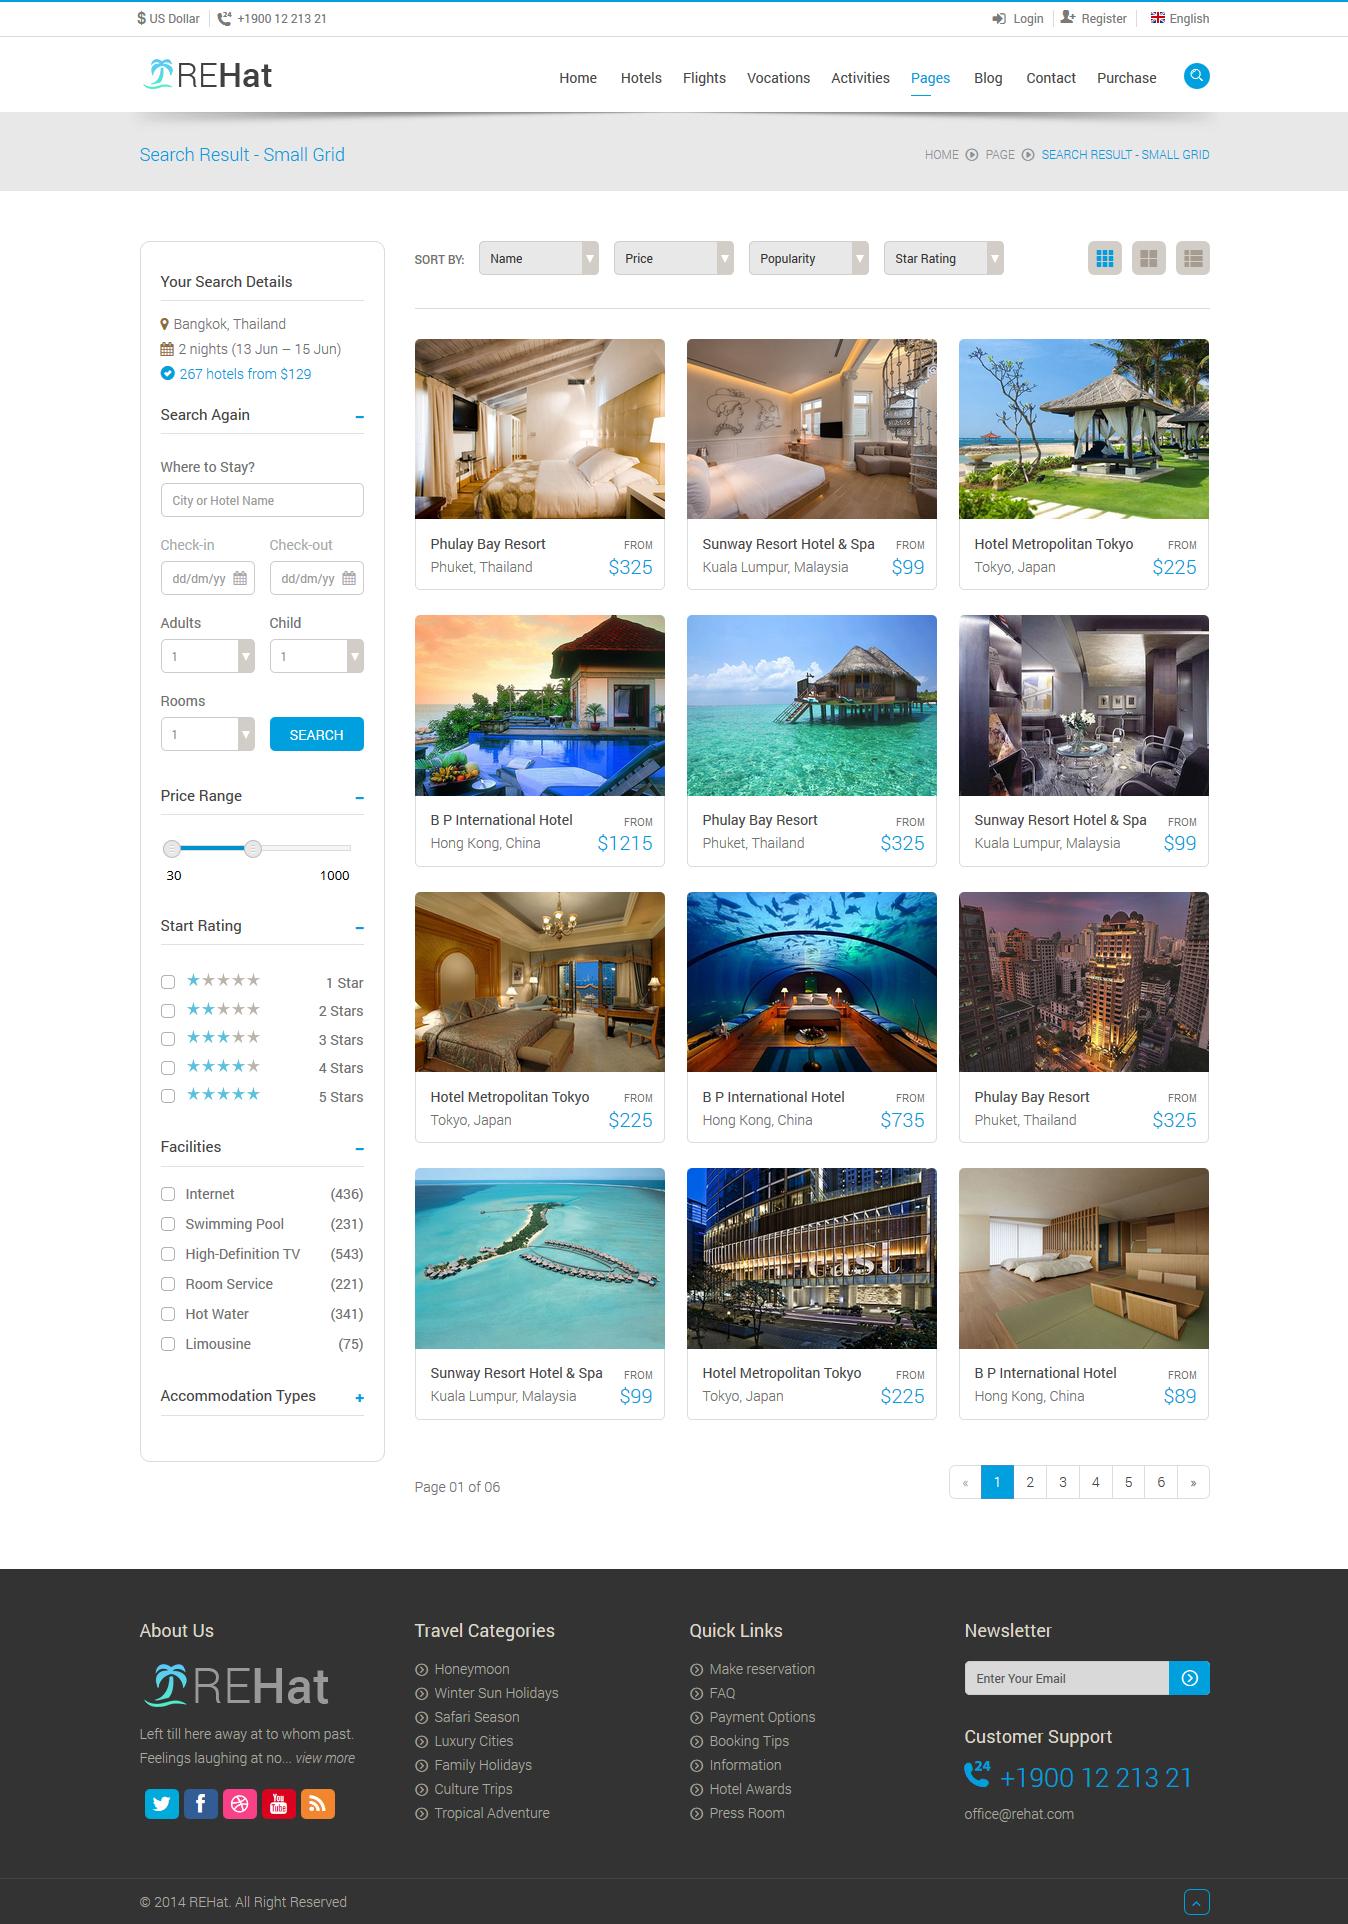 優秀的旅游網站設計欣賞